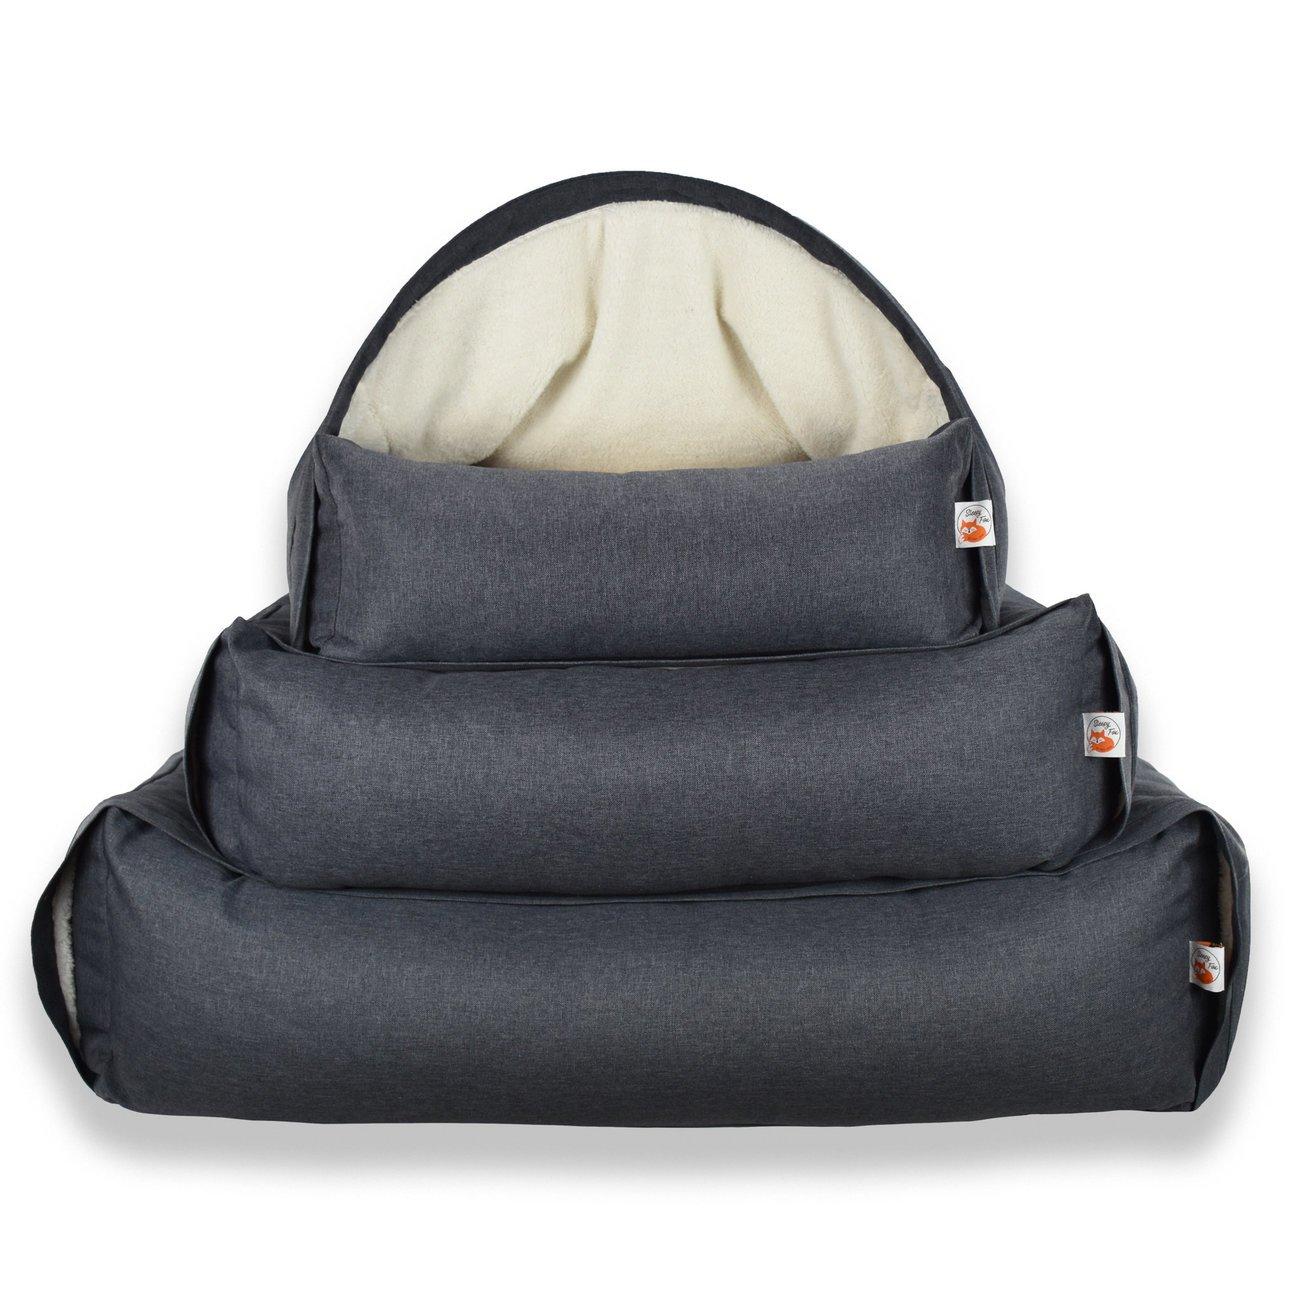 Sleepy Fox® Kuschelhöhlen Hundebett, Bild 9